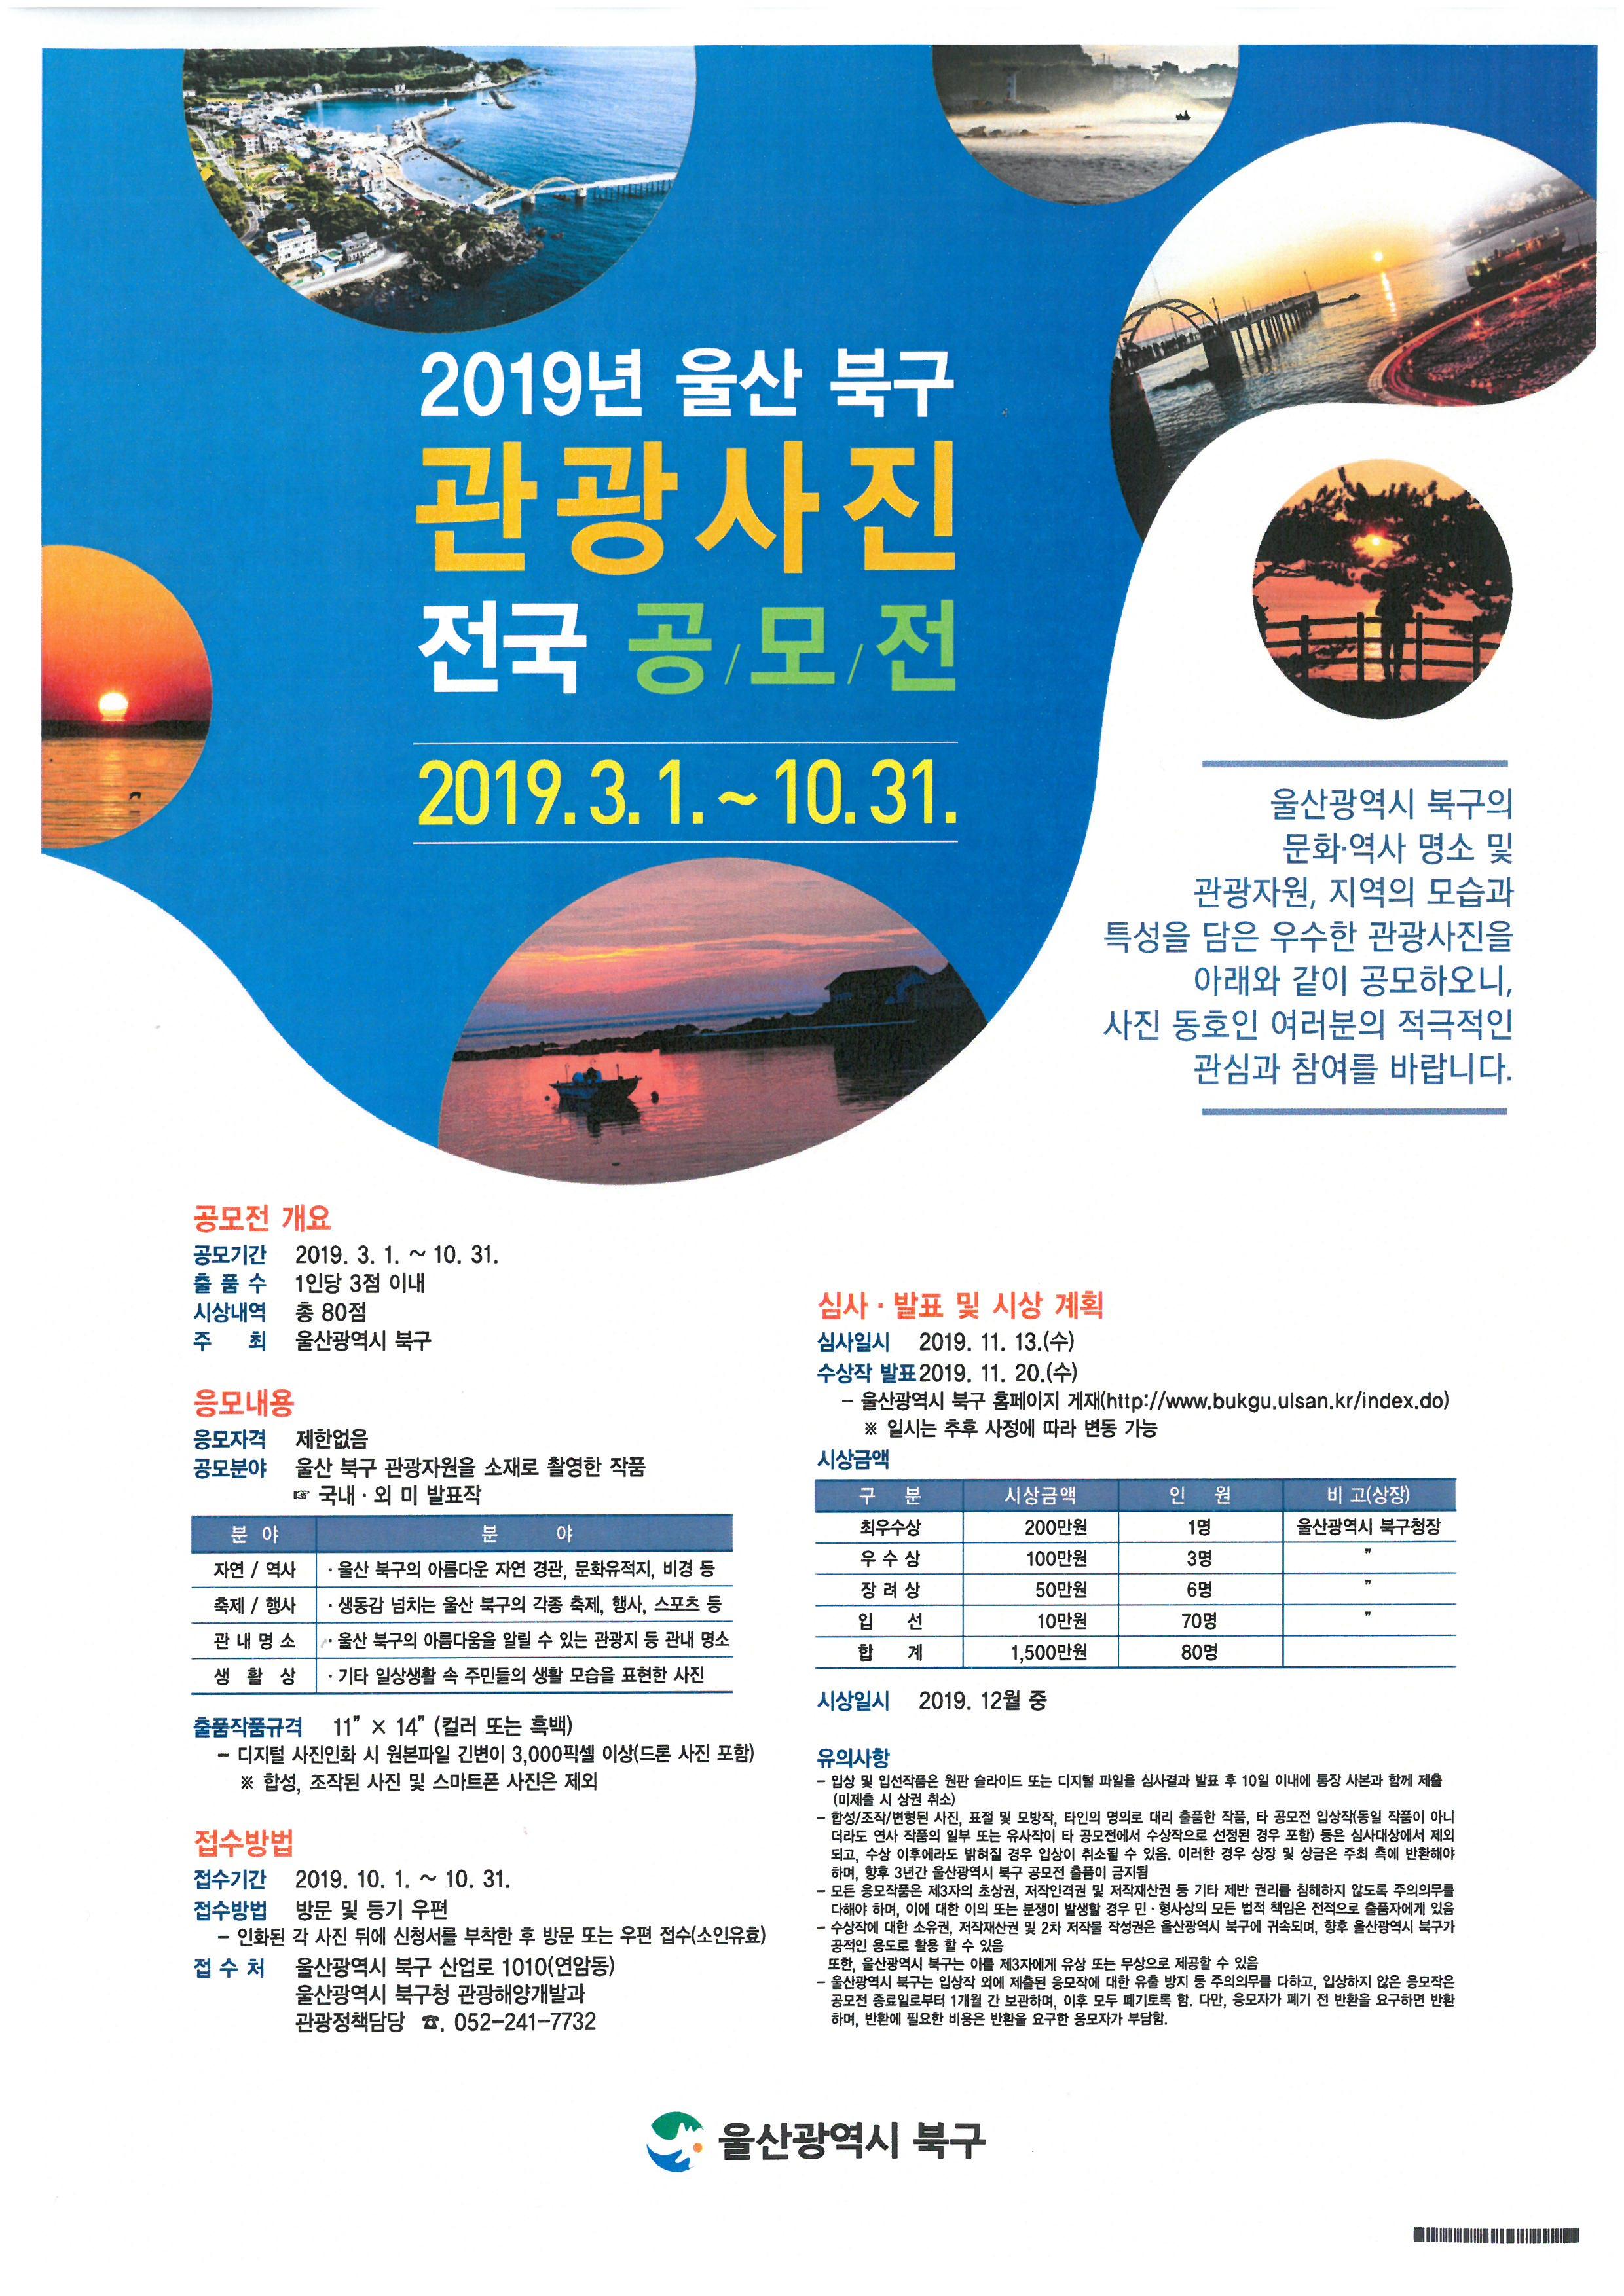 2019년 울산 북구 관광사진 전국 공모전